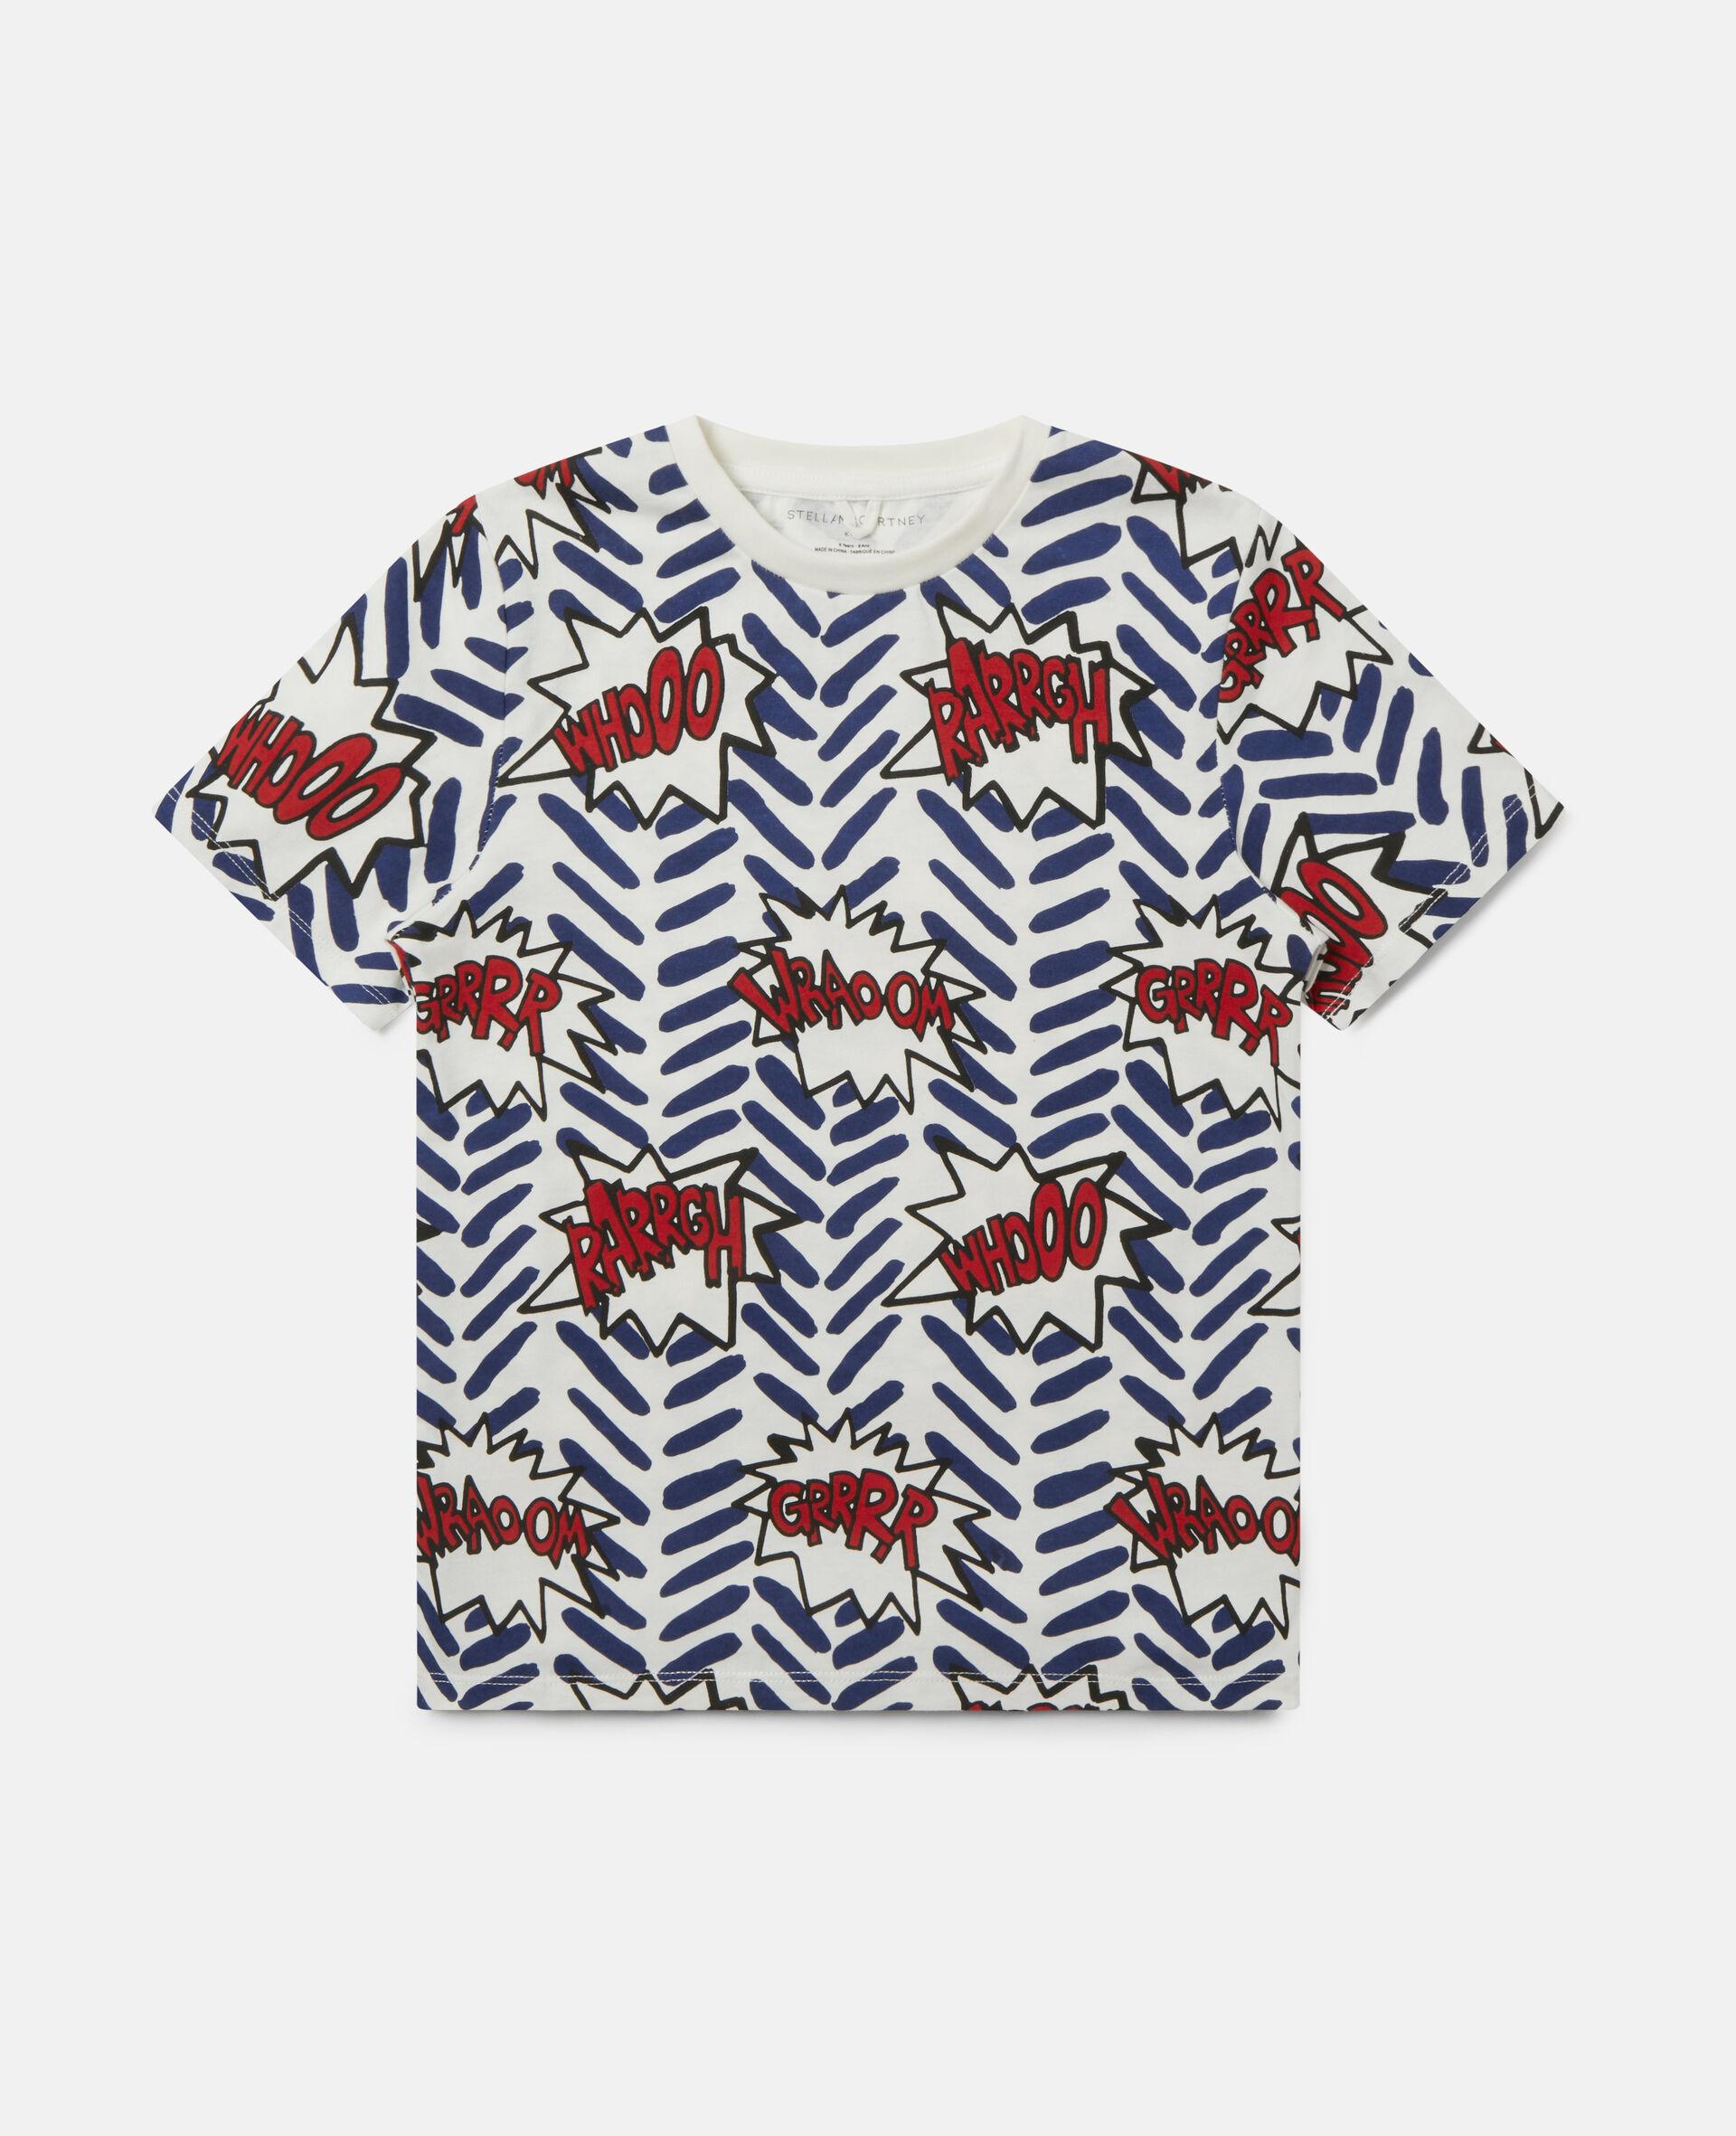 漫画泡状框印花 T 恤-Multicolored-large image number 0